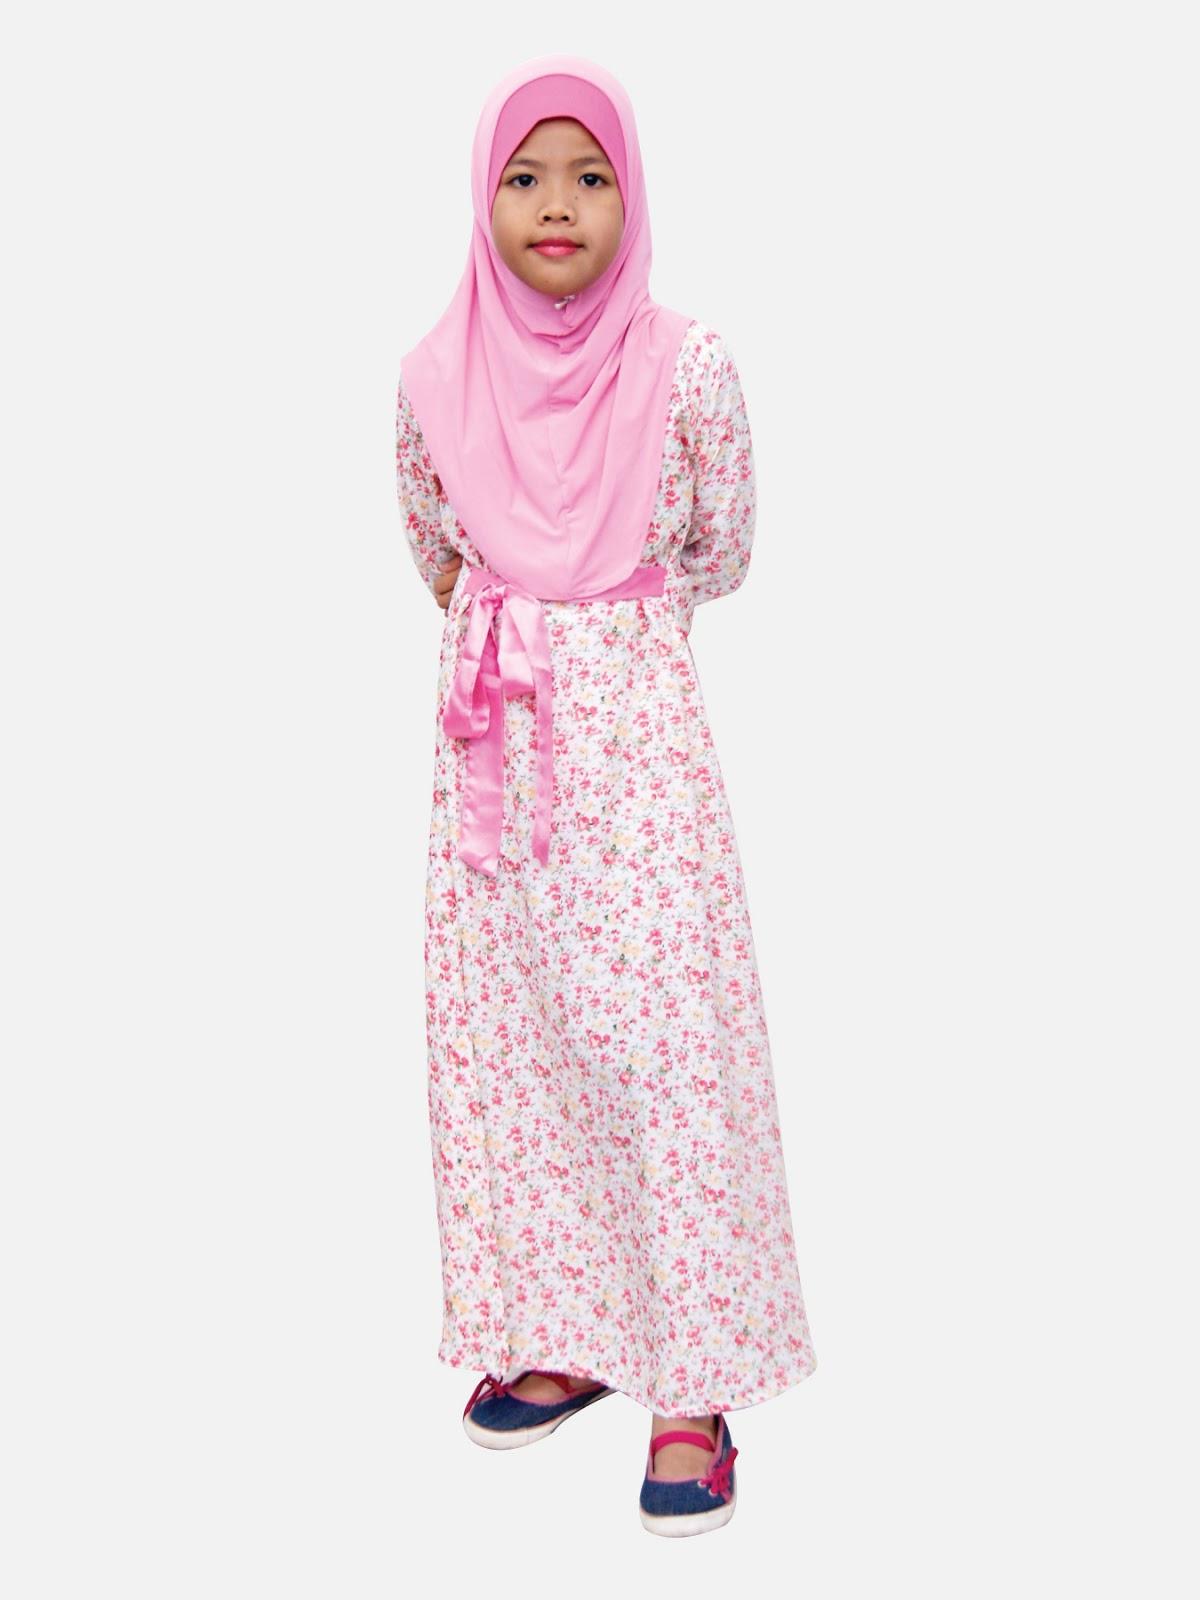 Style dress muslimah kanak kanak